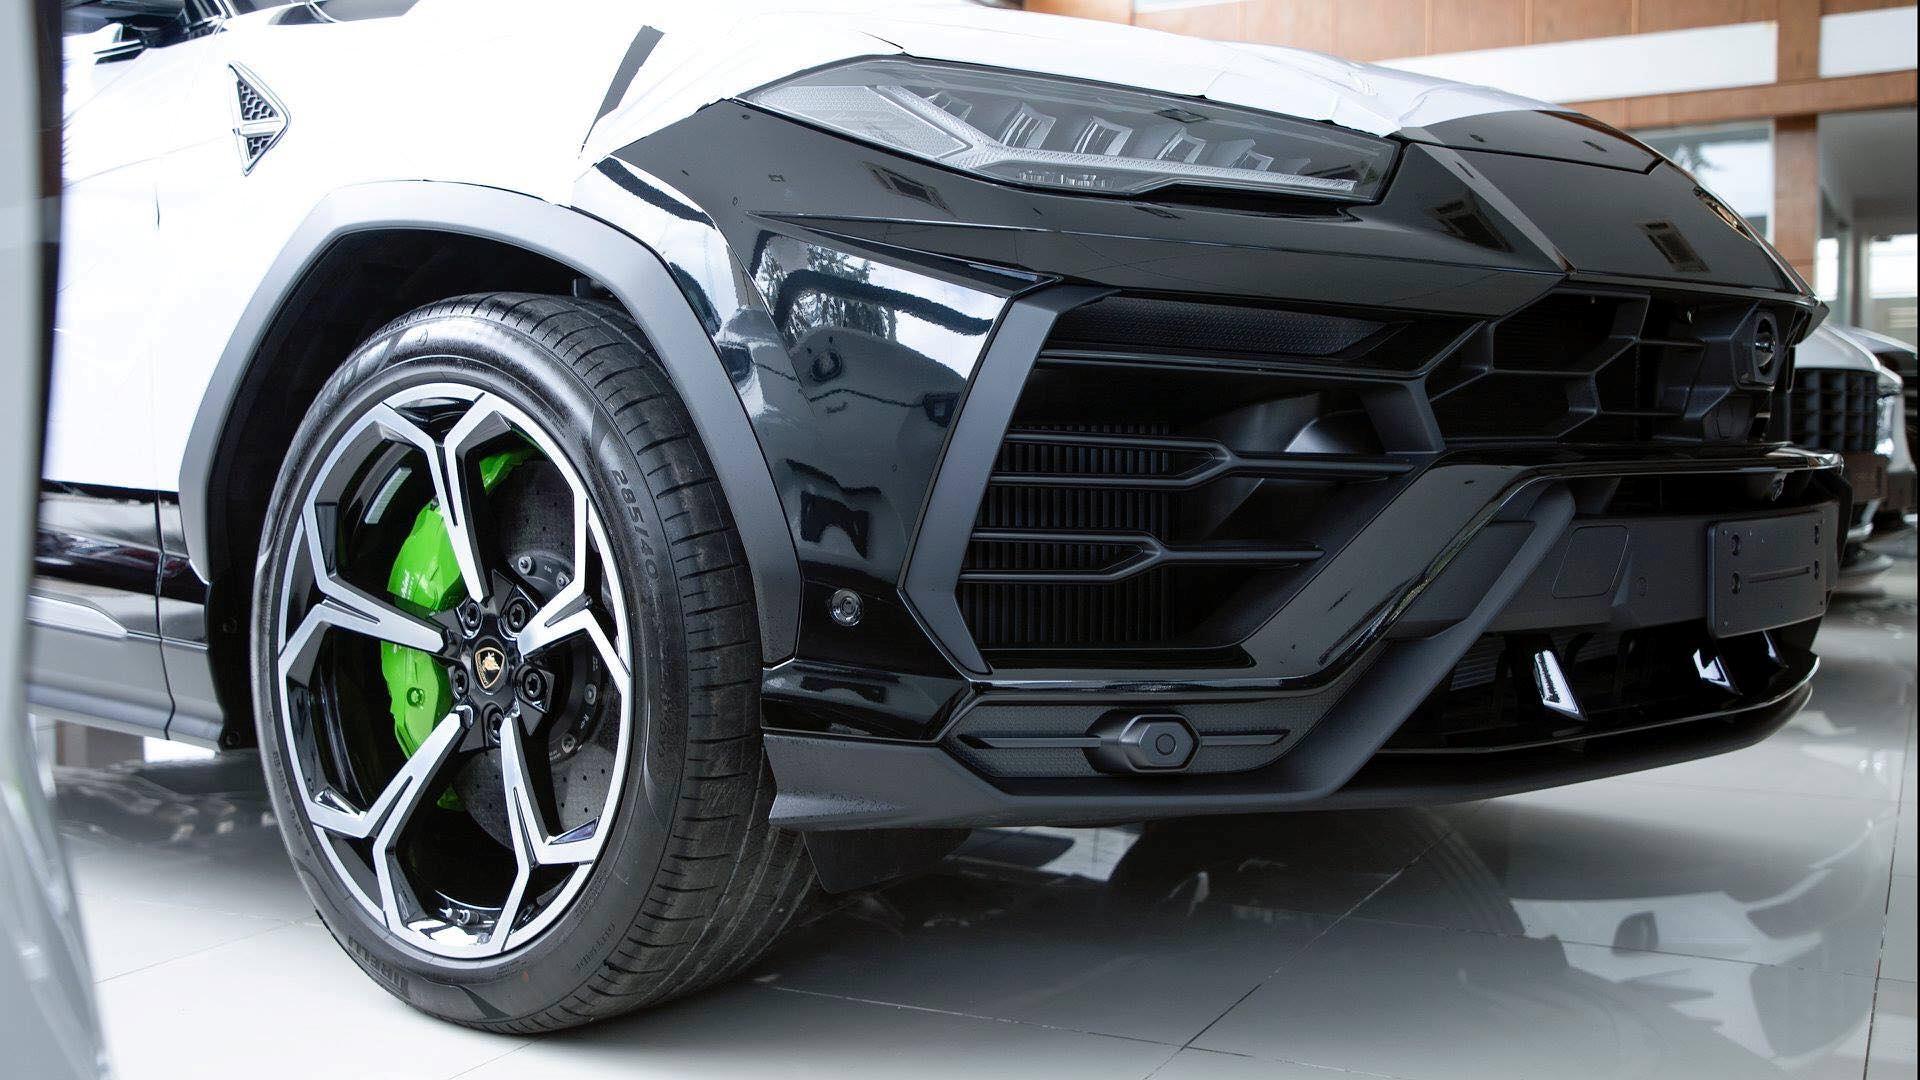 Cận cảnh 'siêu SUV' Lamborghini Urus thứ ba đặt chân đến Campuchia Ảnh 2